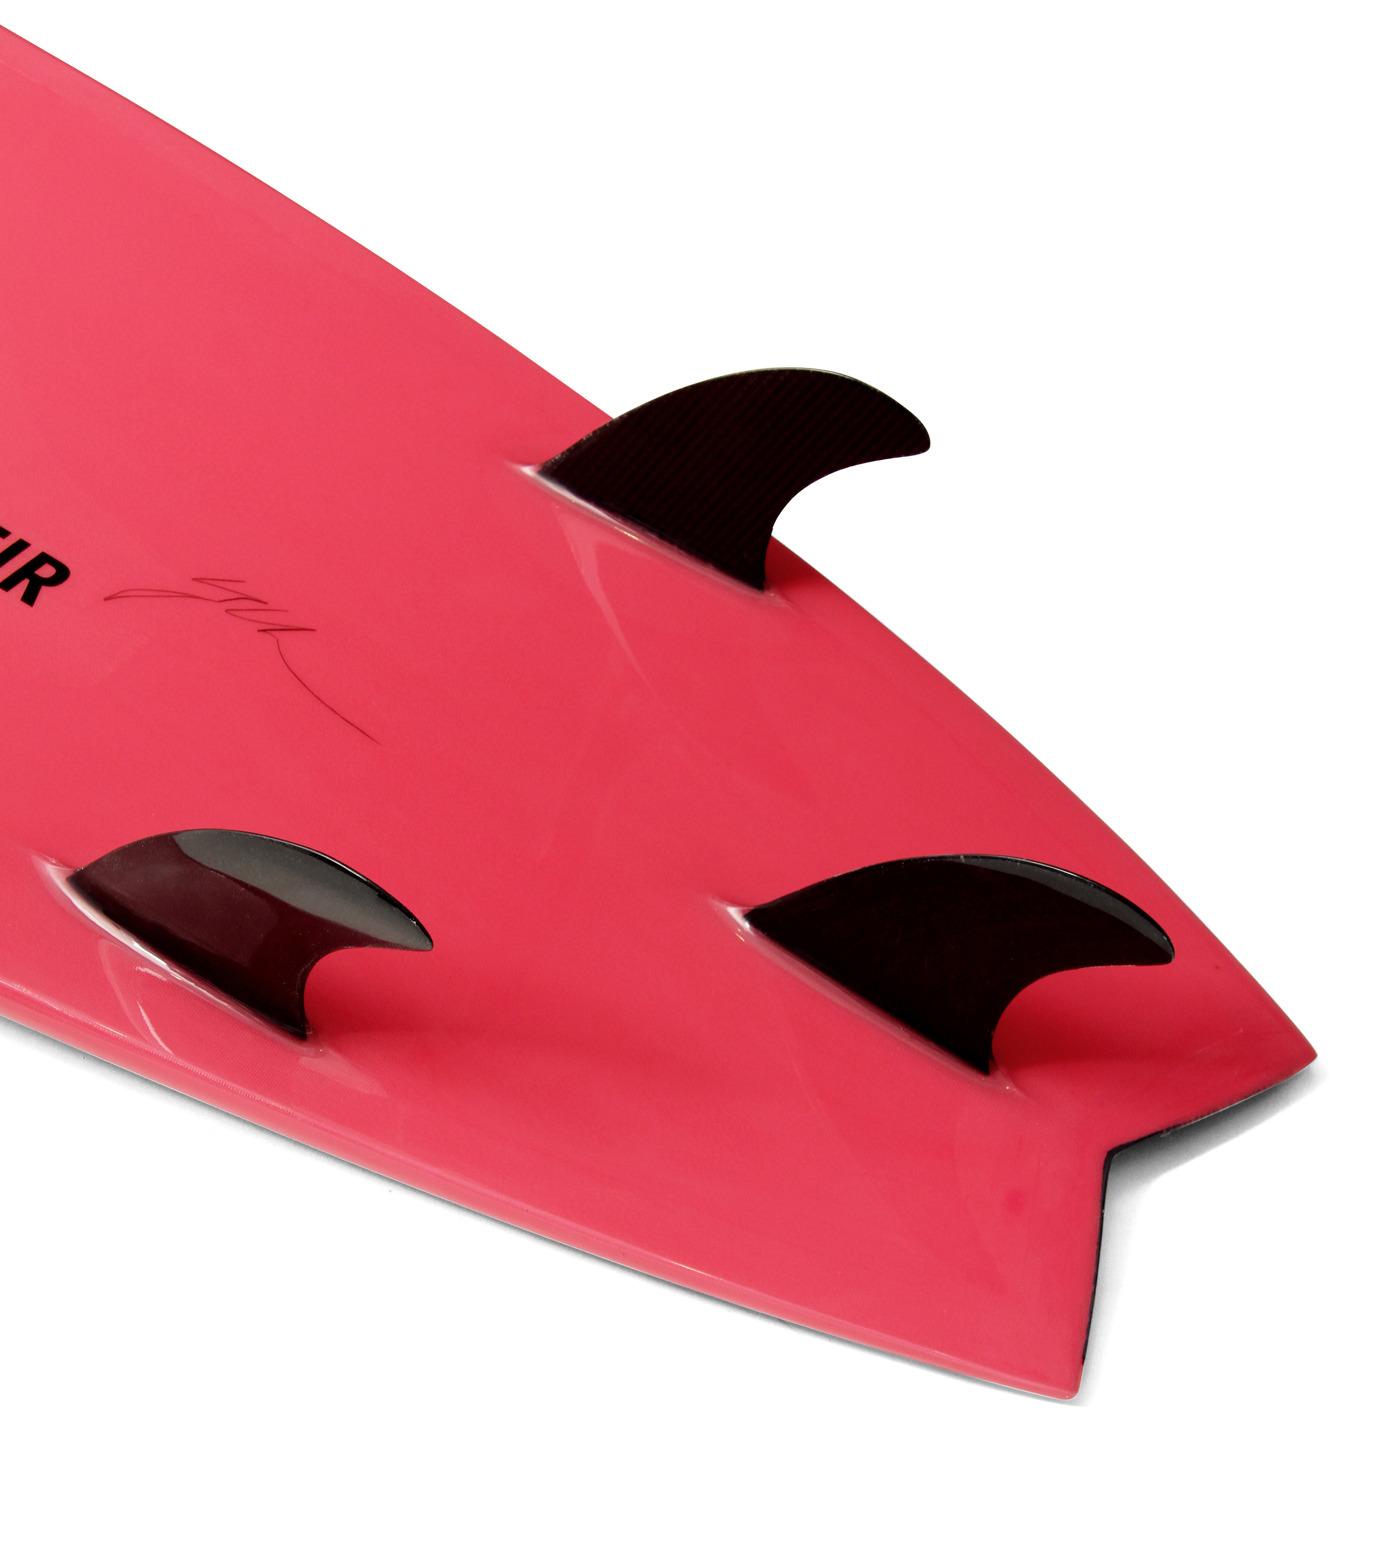 Surf Board(サーフボード)のSurfboard 6-2-PINK(OUTDOOR/OUTDOOR)-YU12078-72 拡大詳細画像4